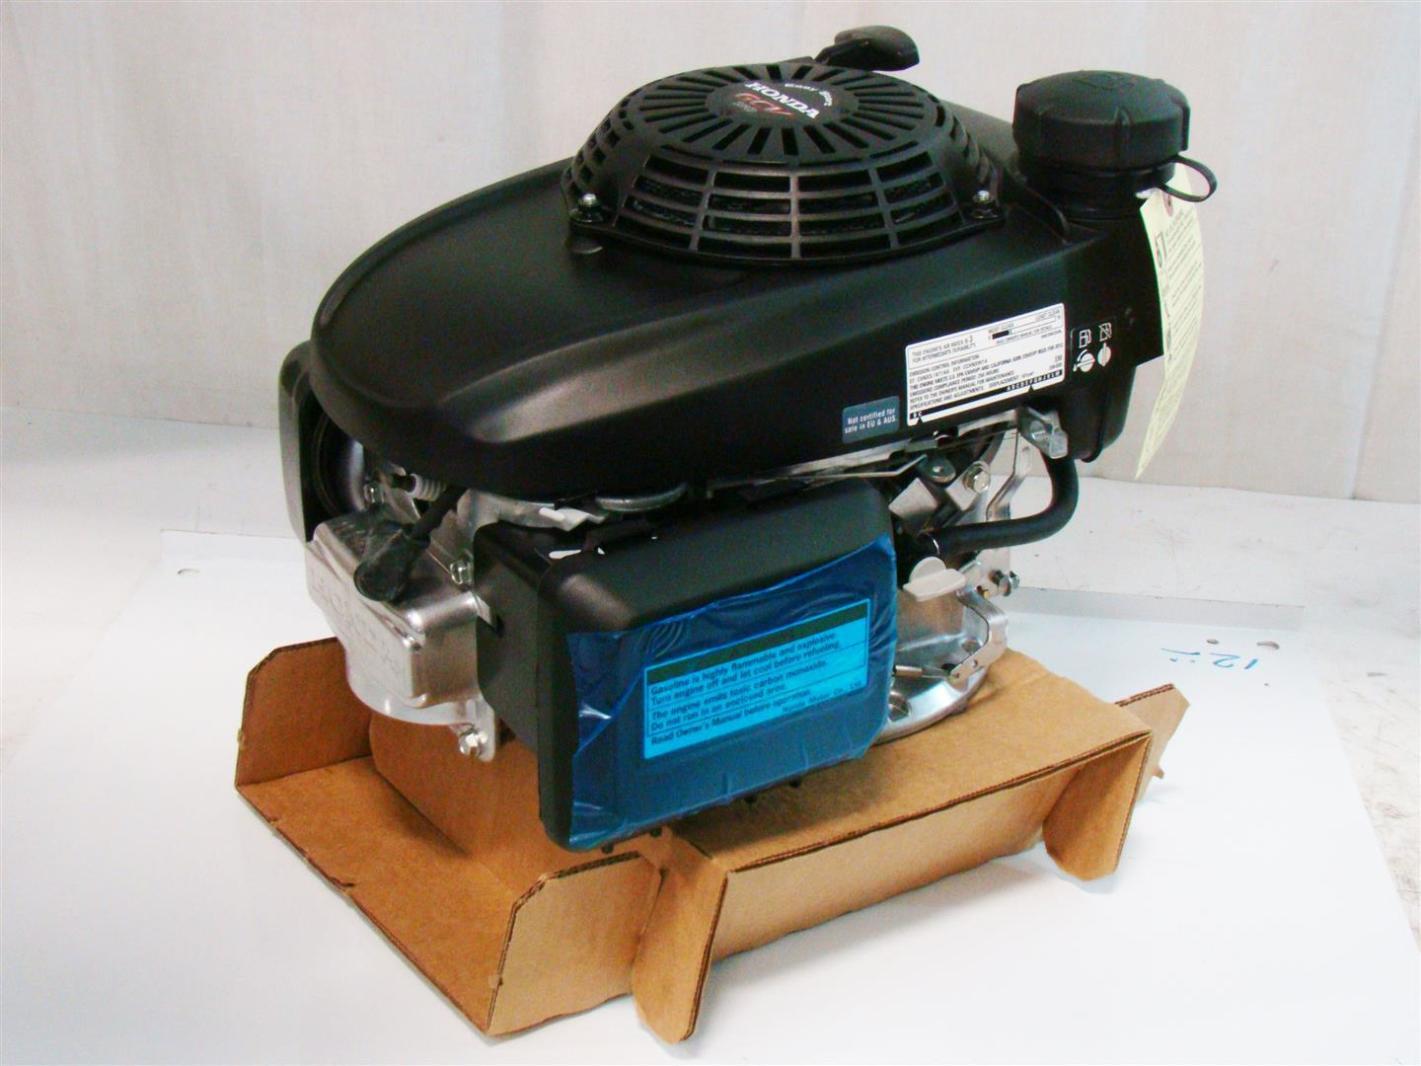 honda vertical ohc engine 160cc gcv 160 25mm shaft ebay. Black Bedroom Furniture Sets. Home Design Ideas